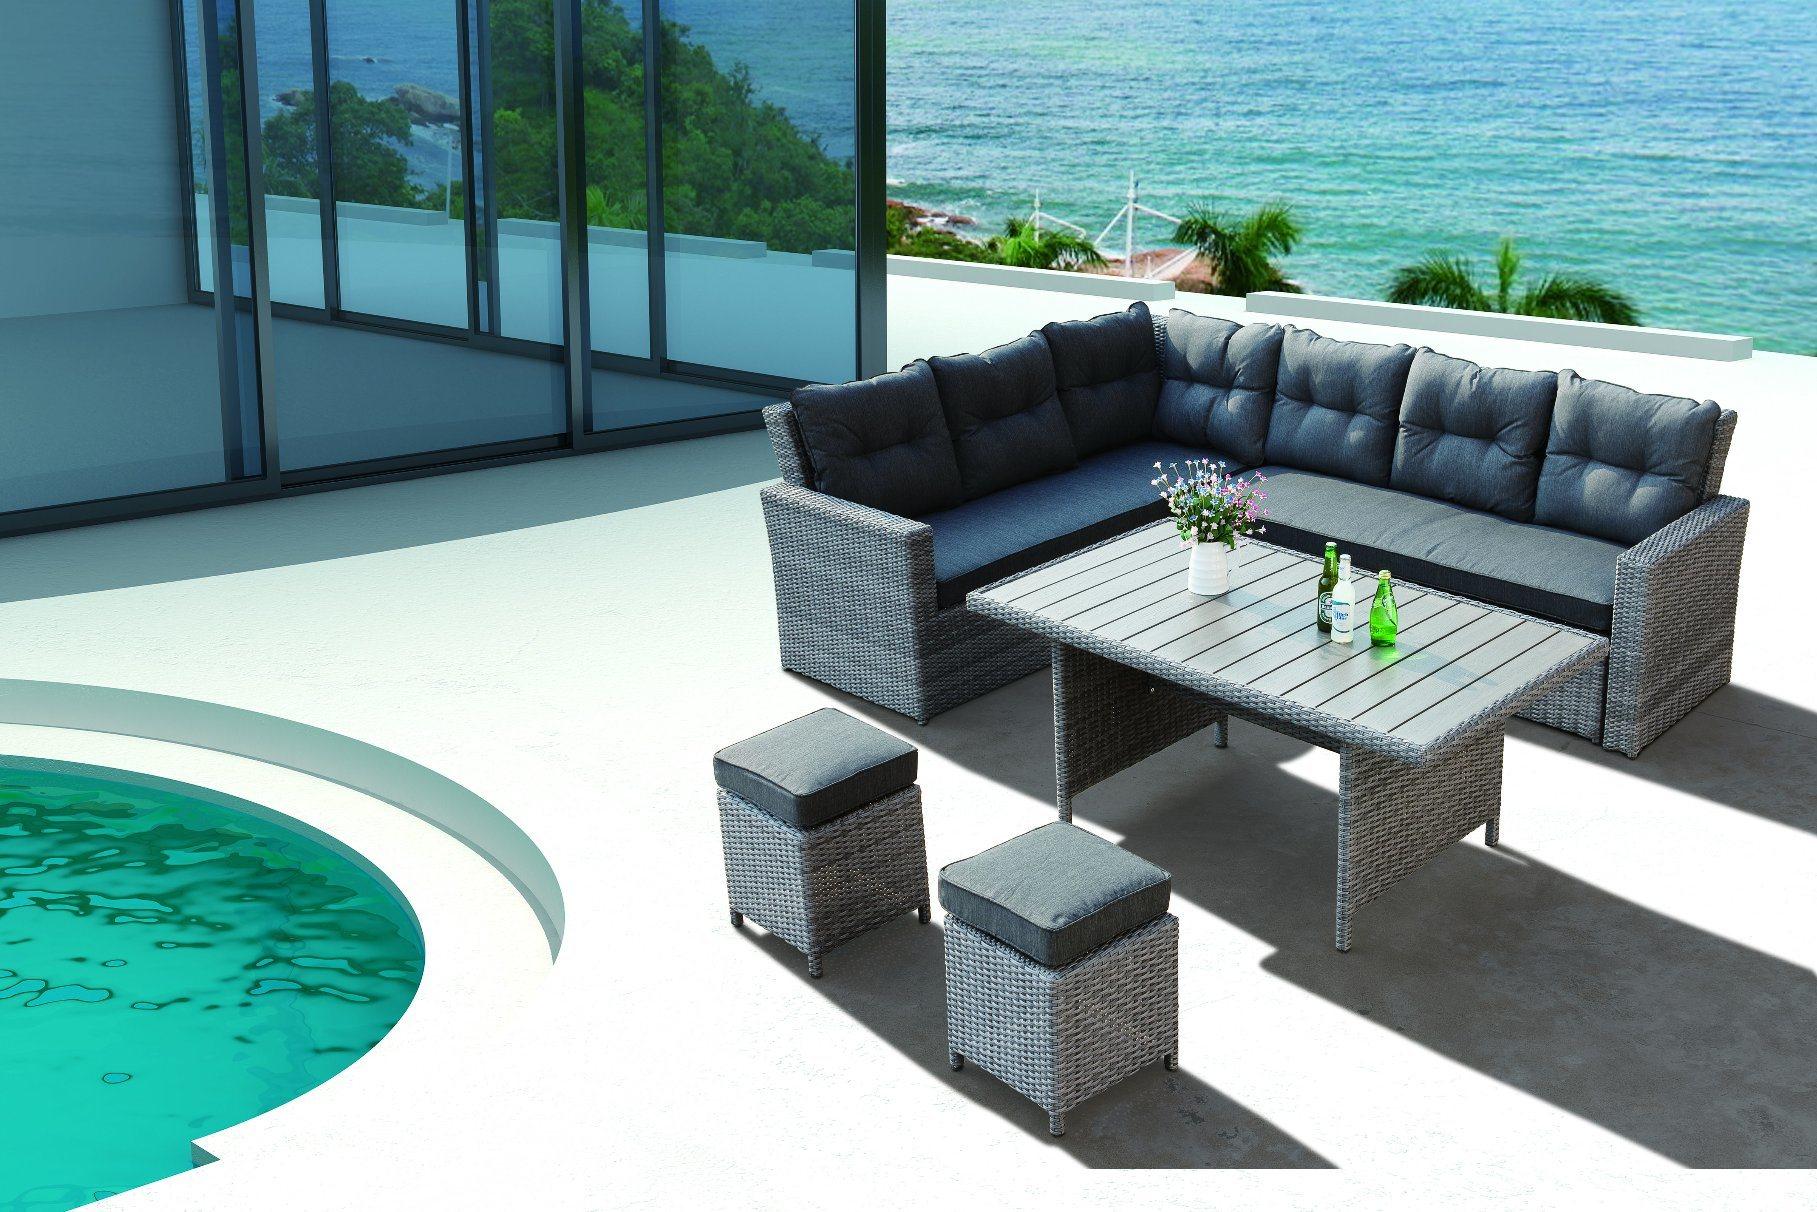 Wicker Rattan Patio Garden Outdoor Sofa Set Virgina Home Hotel Offce Sofa (J545-POL)